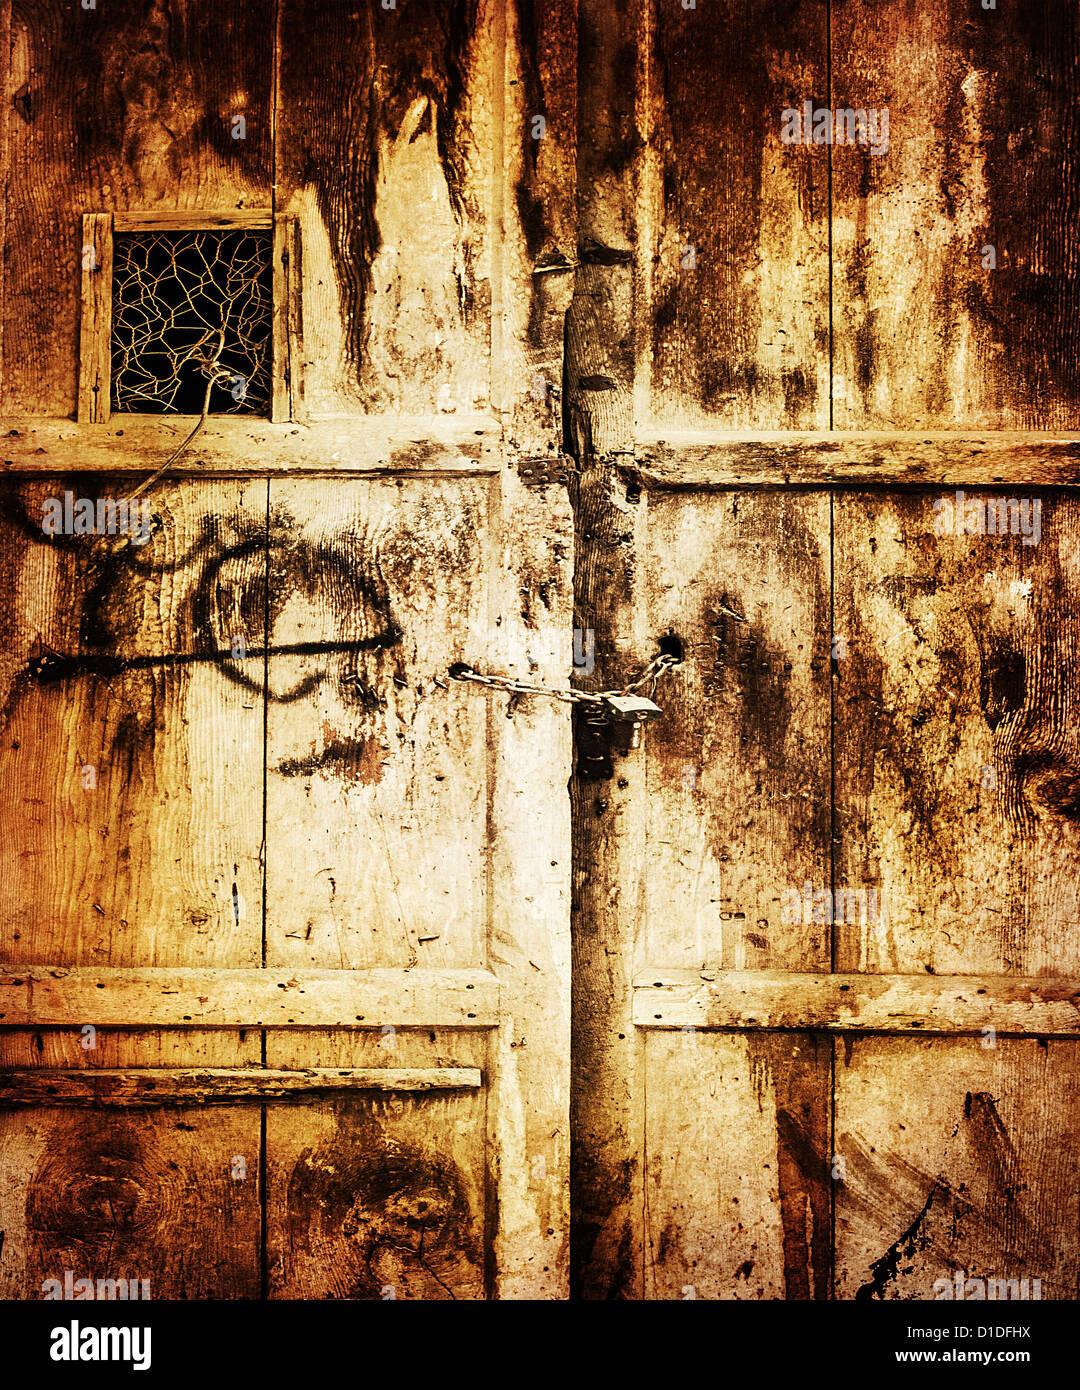 Imagen de fondo de la puerta de madera vieja sucia, estilo retro, sucio foto entrada en casa, puerta cerrada, envejecido Imagen De Stock